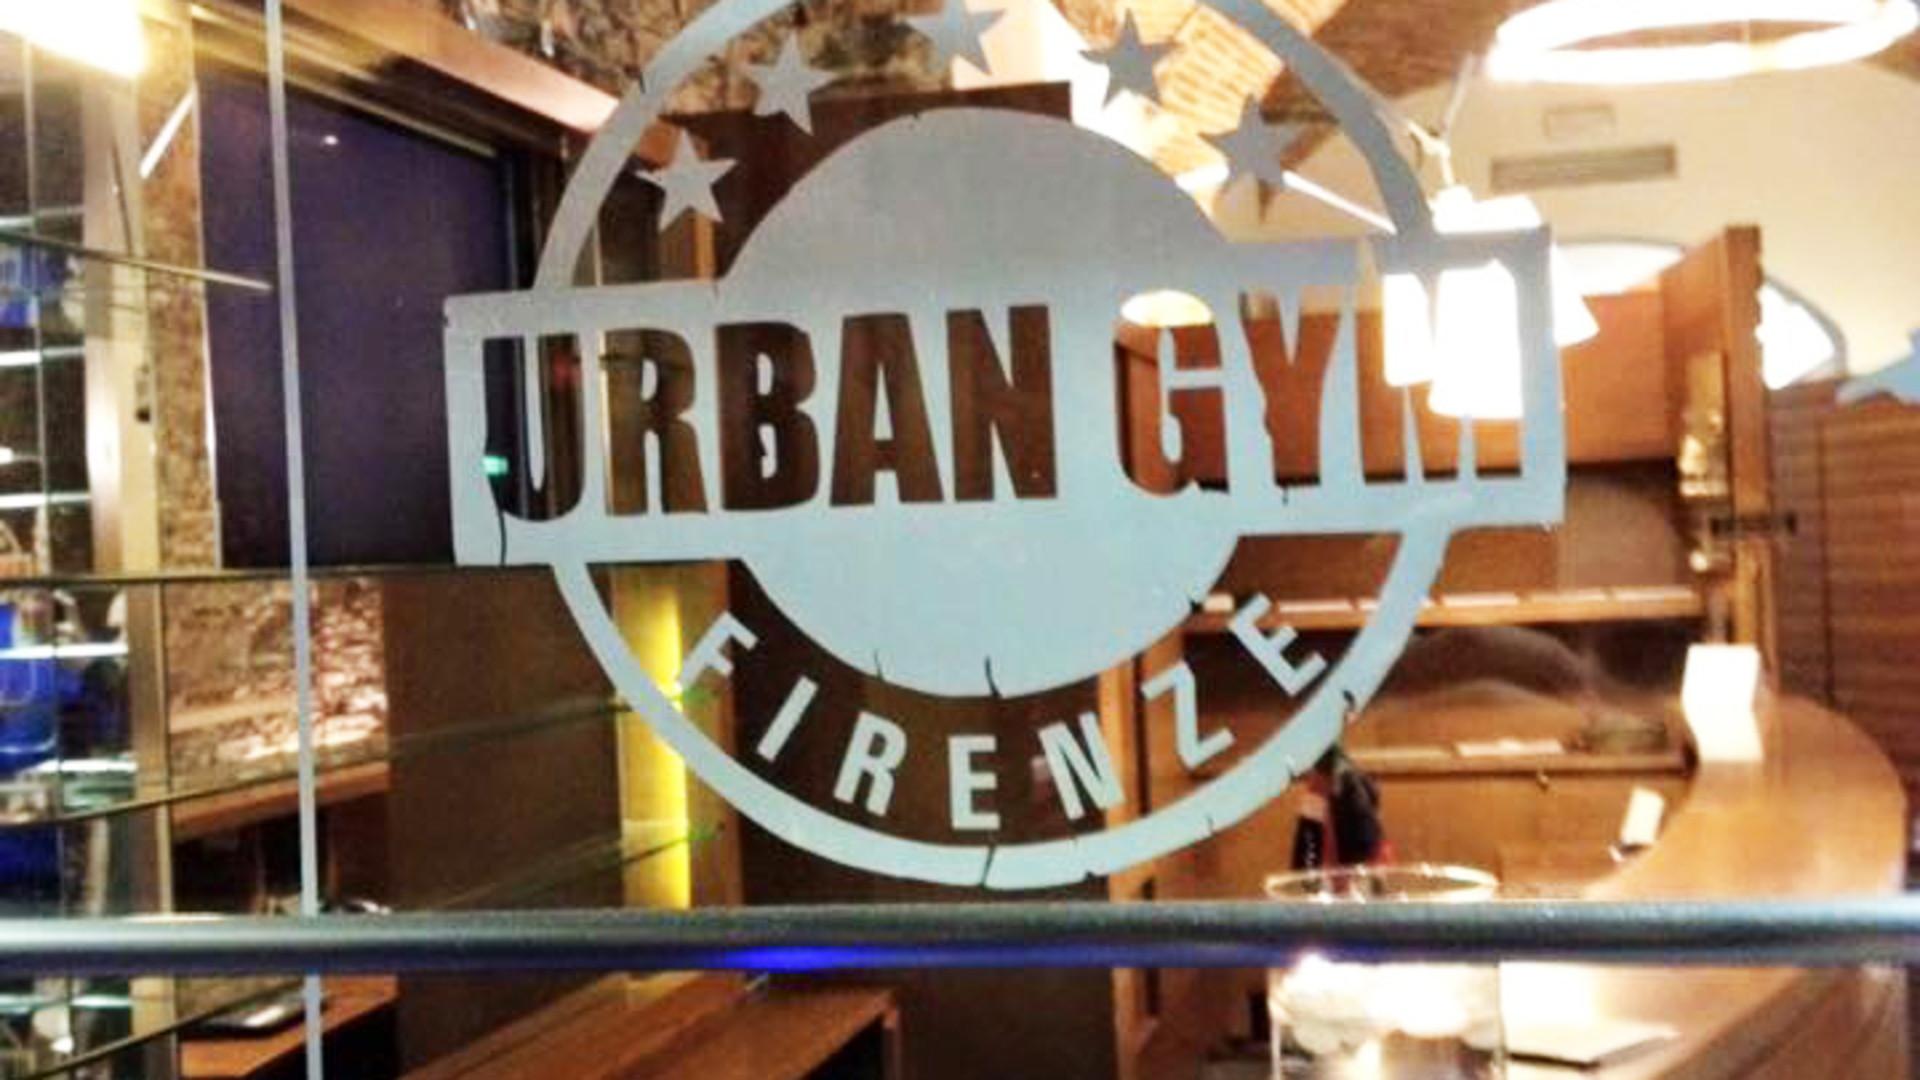 Urban Gym